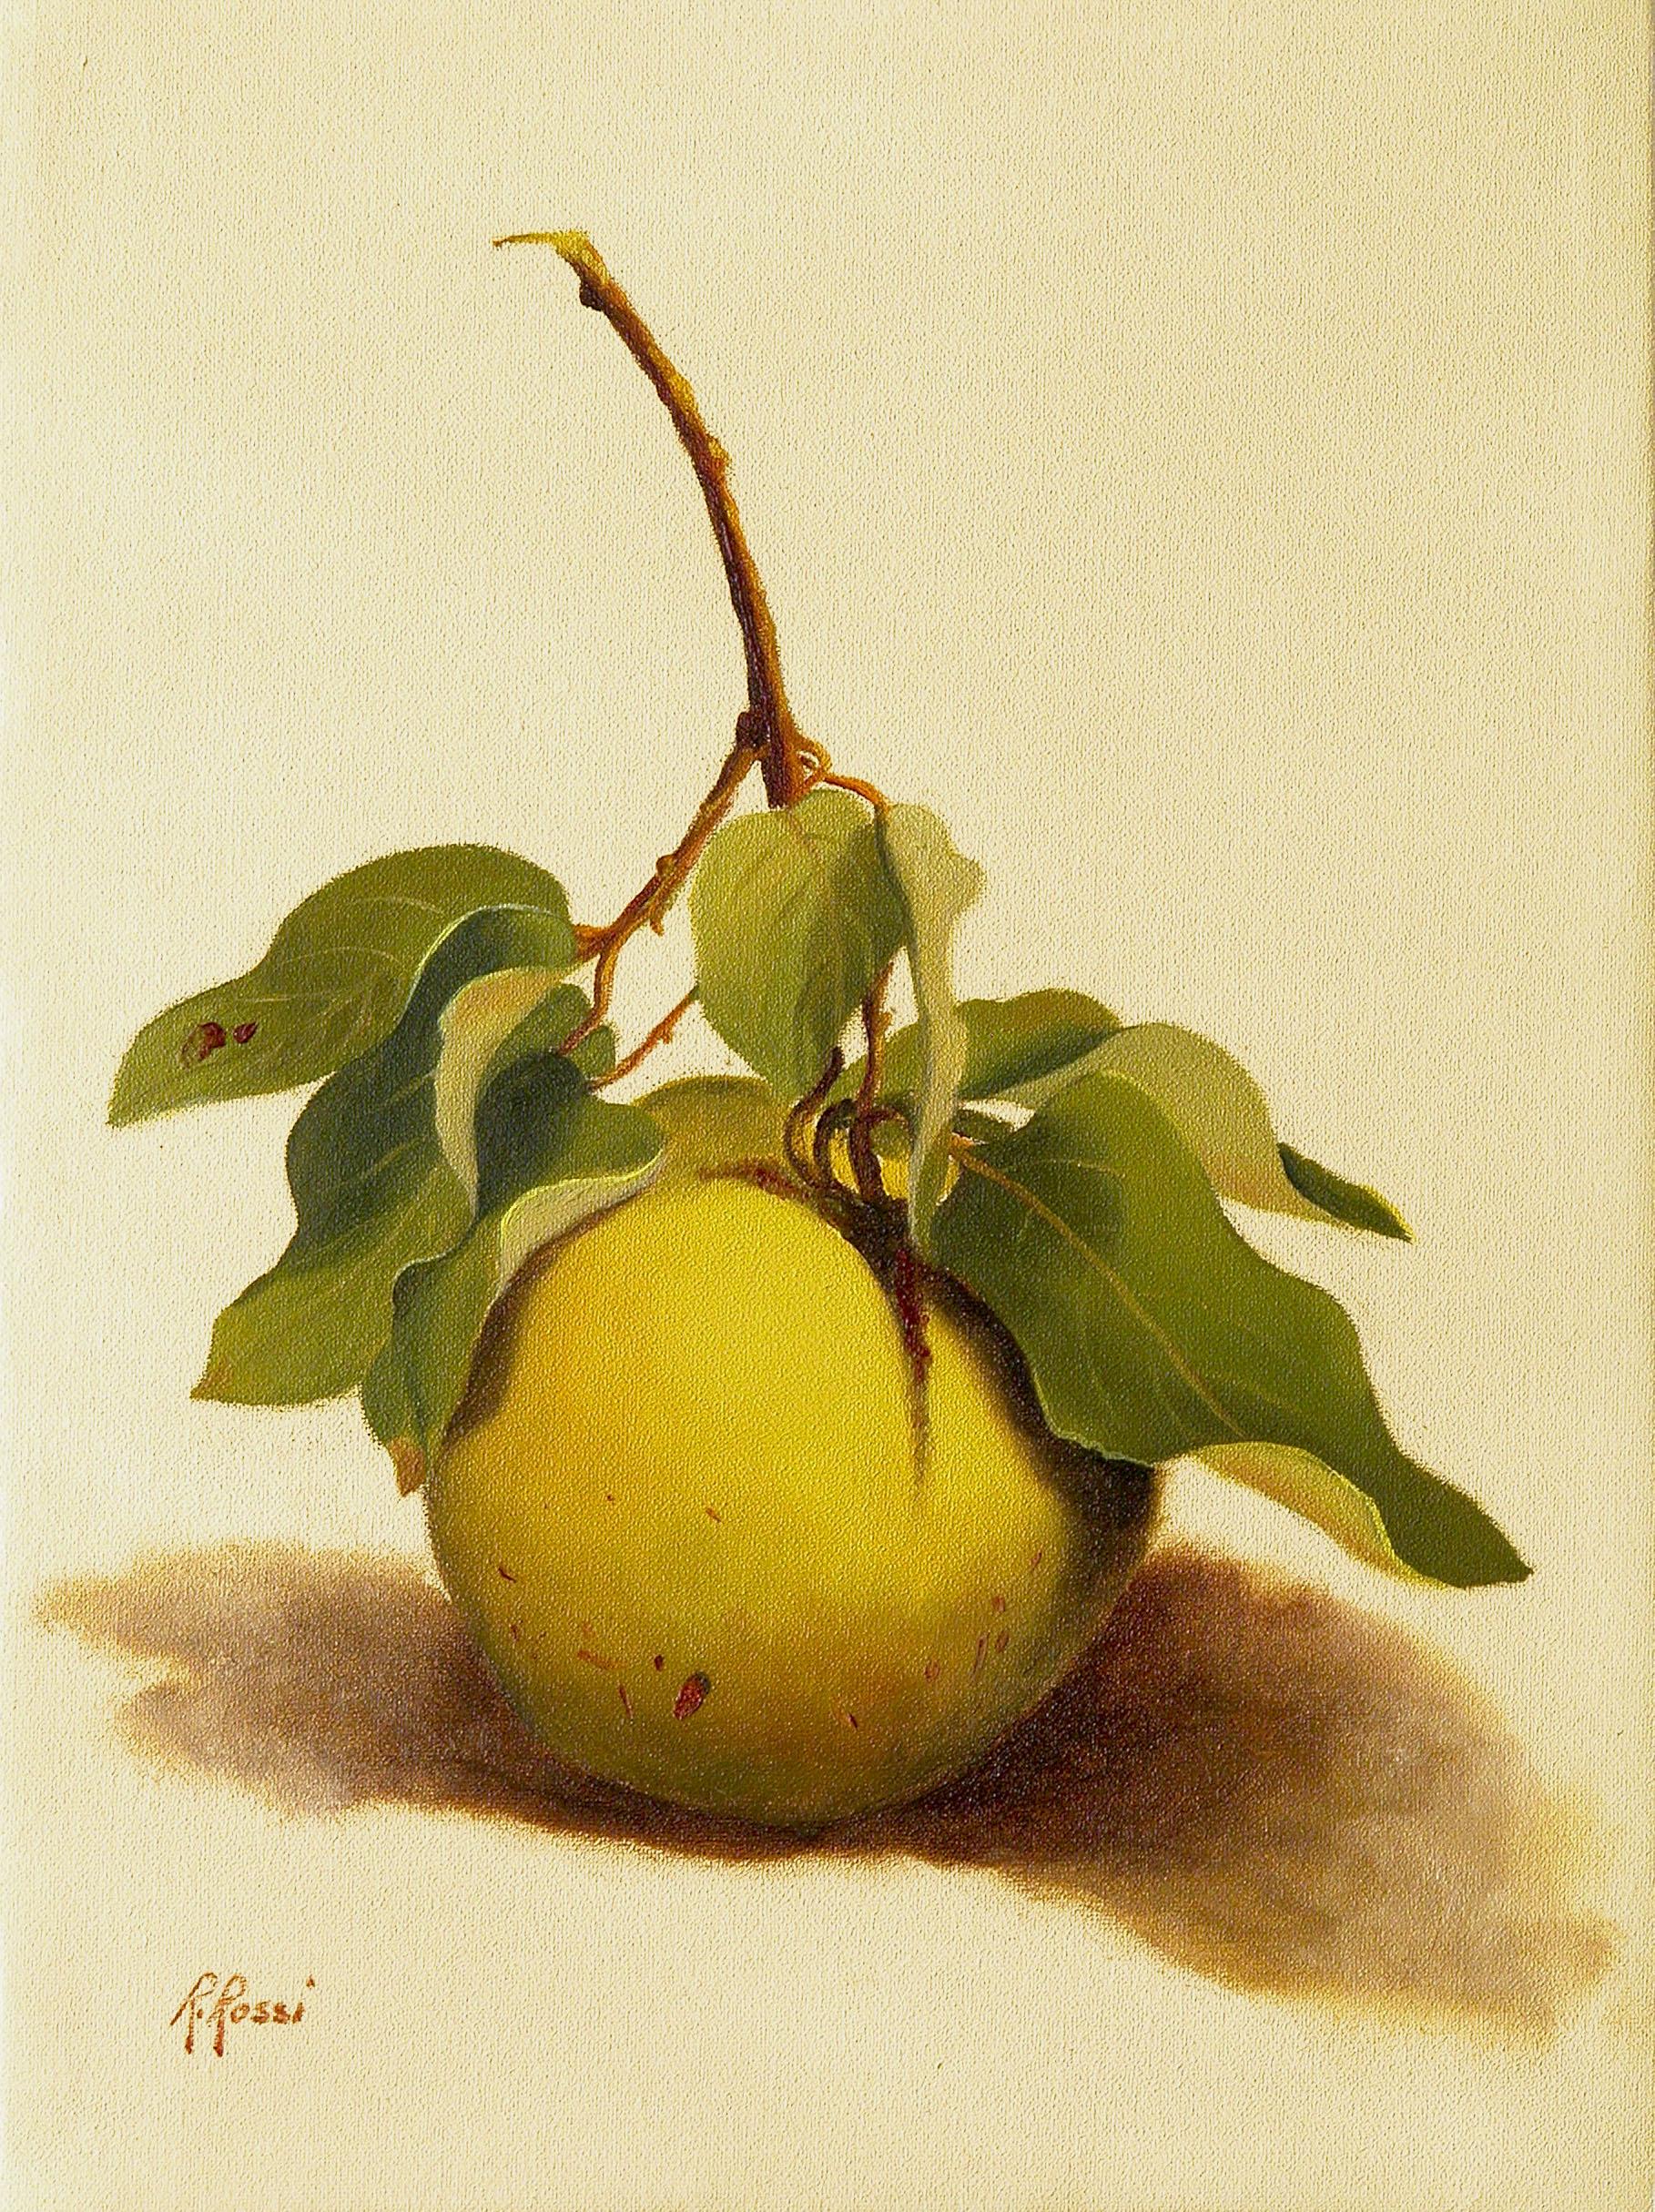 2007 roberta rossi - Grossa mela cotogna - olio su tela - 24 x 18